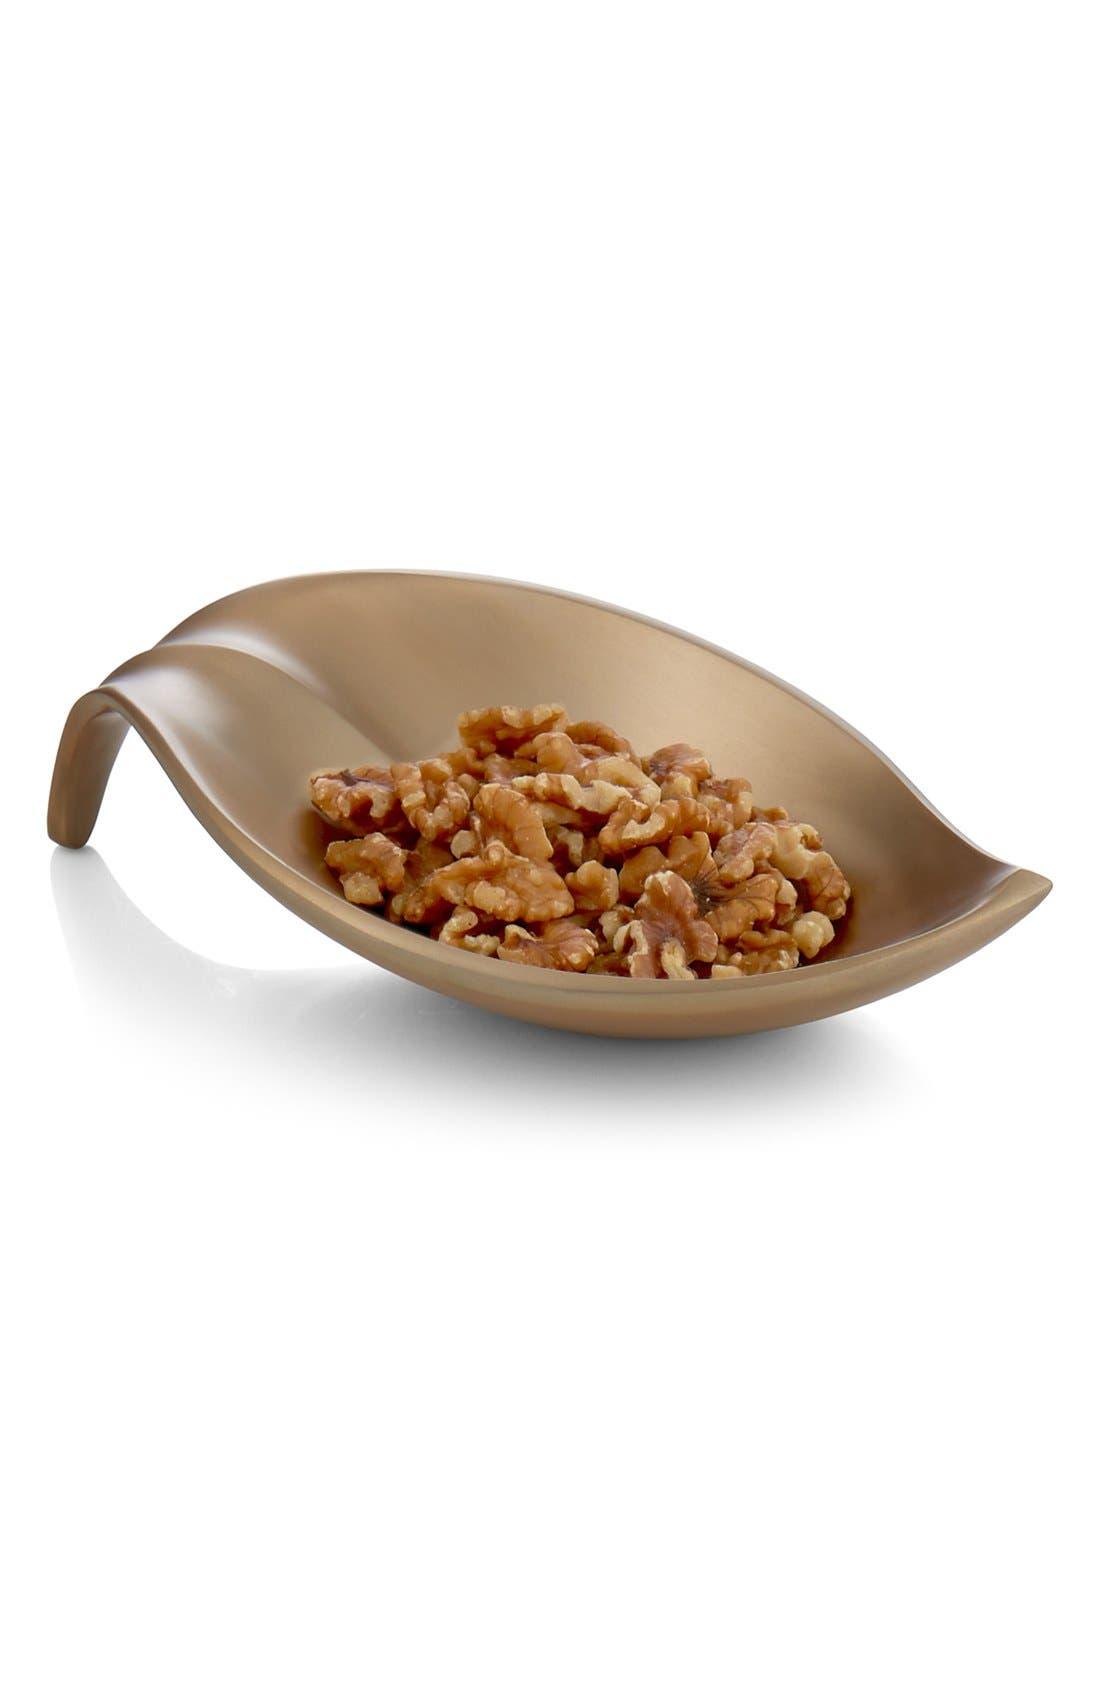 Alternate Image 1 Selected - Nambé 'Leaf' Nut Bowl